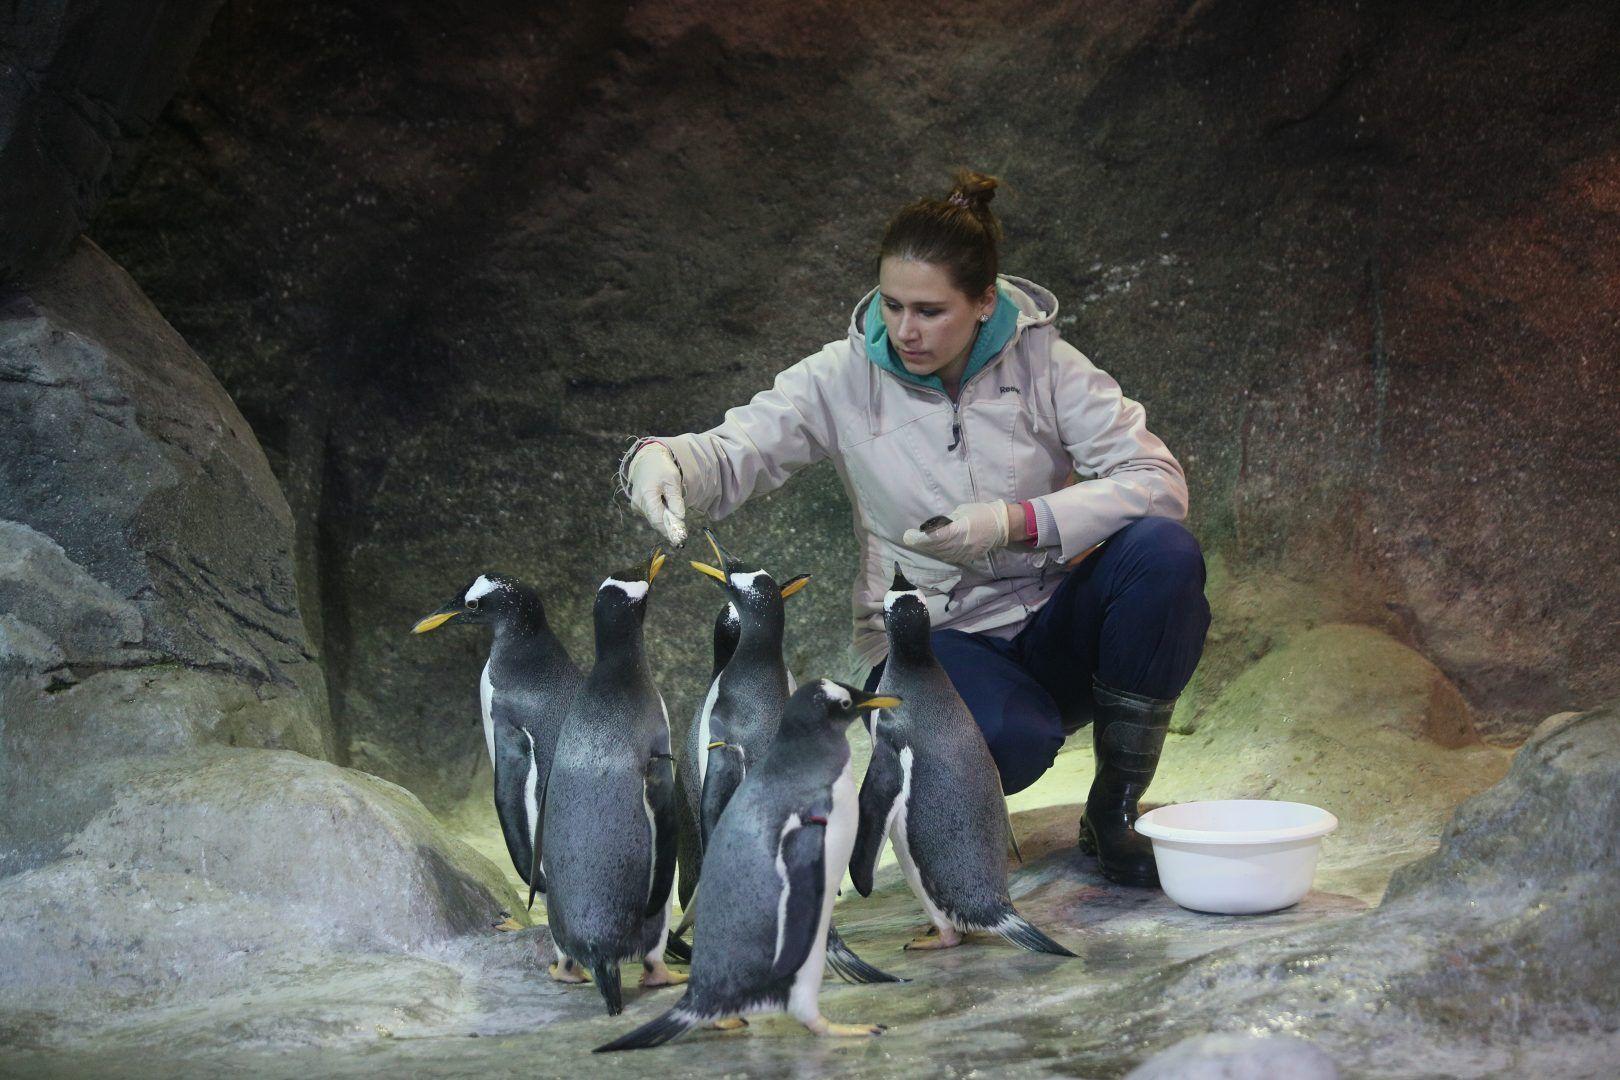 Московский зоопарк запустил онлайн-трансляции из вольеров.Фото: Антон Гердо